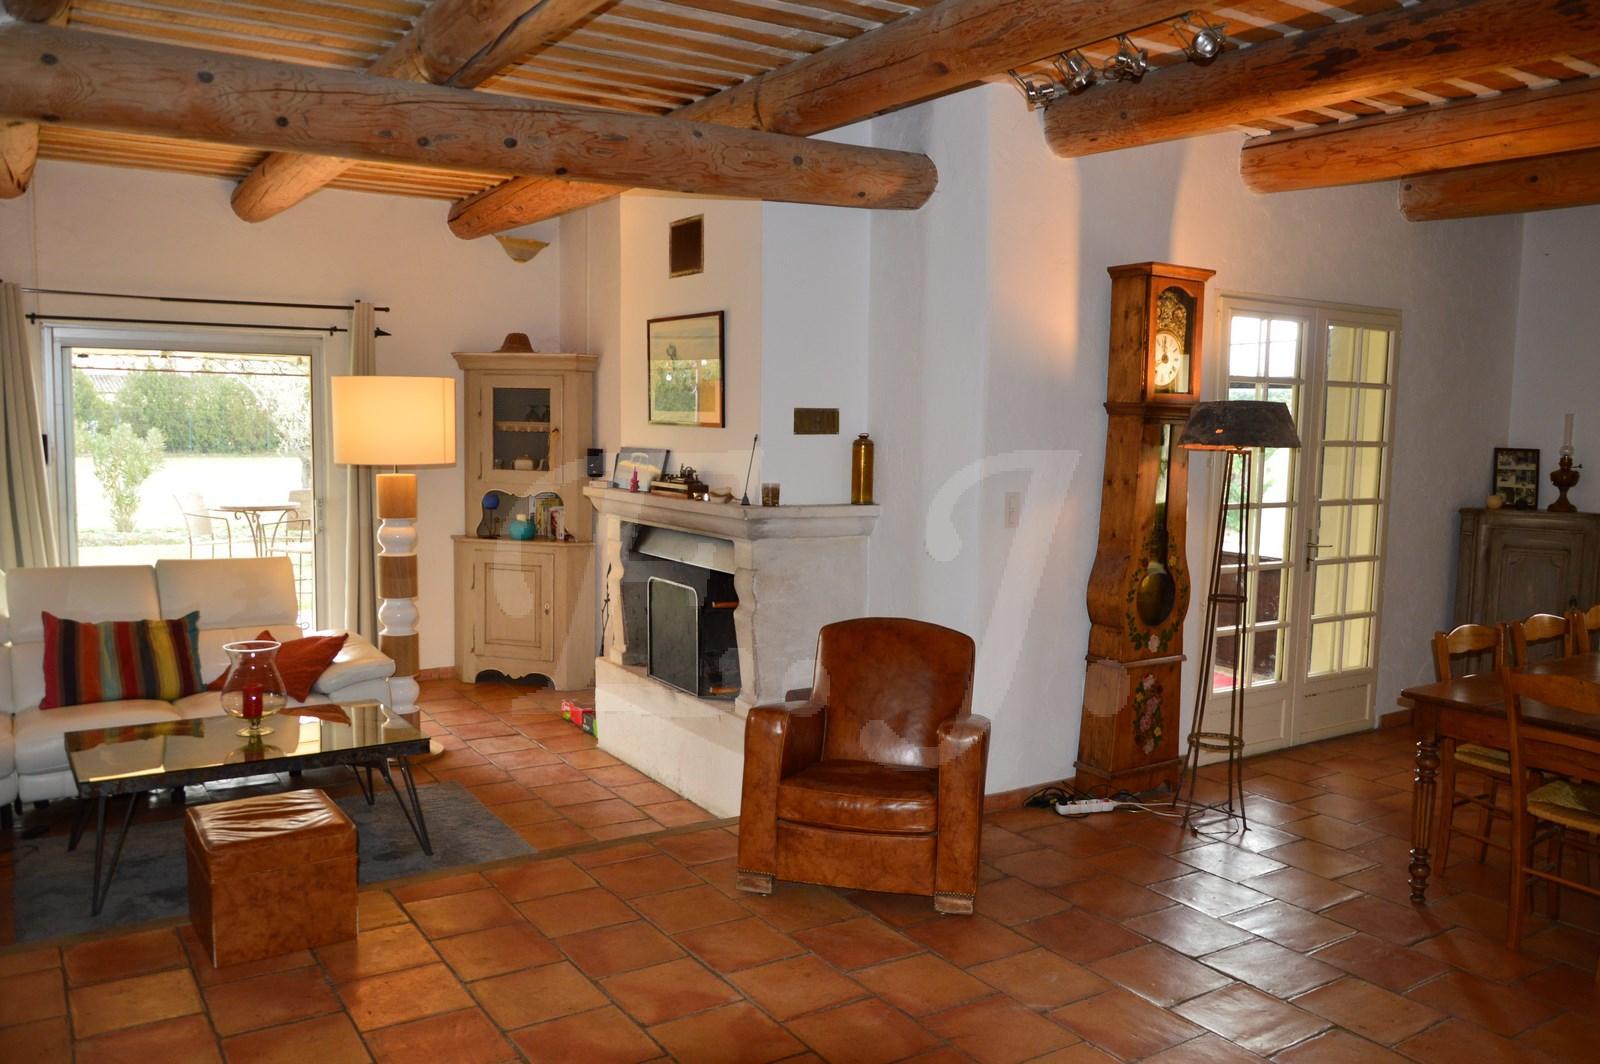 Maison avec charme et cachet à vendre dans le Luberon